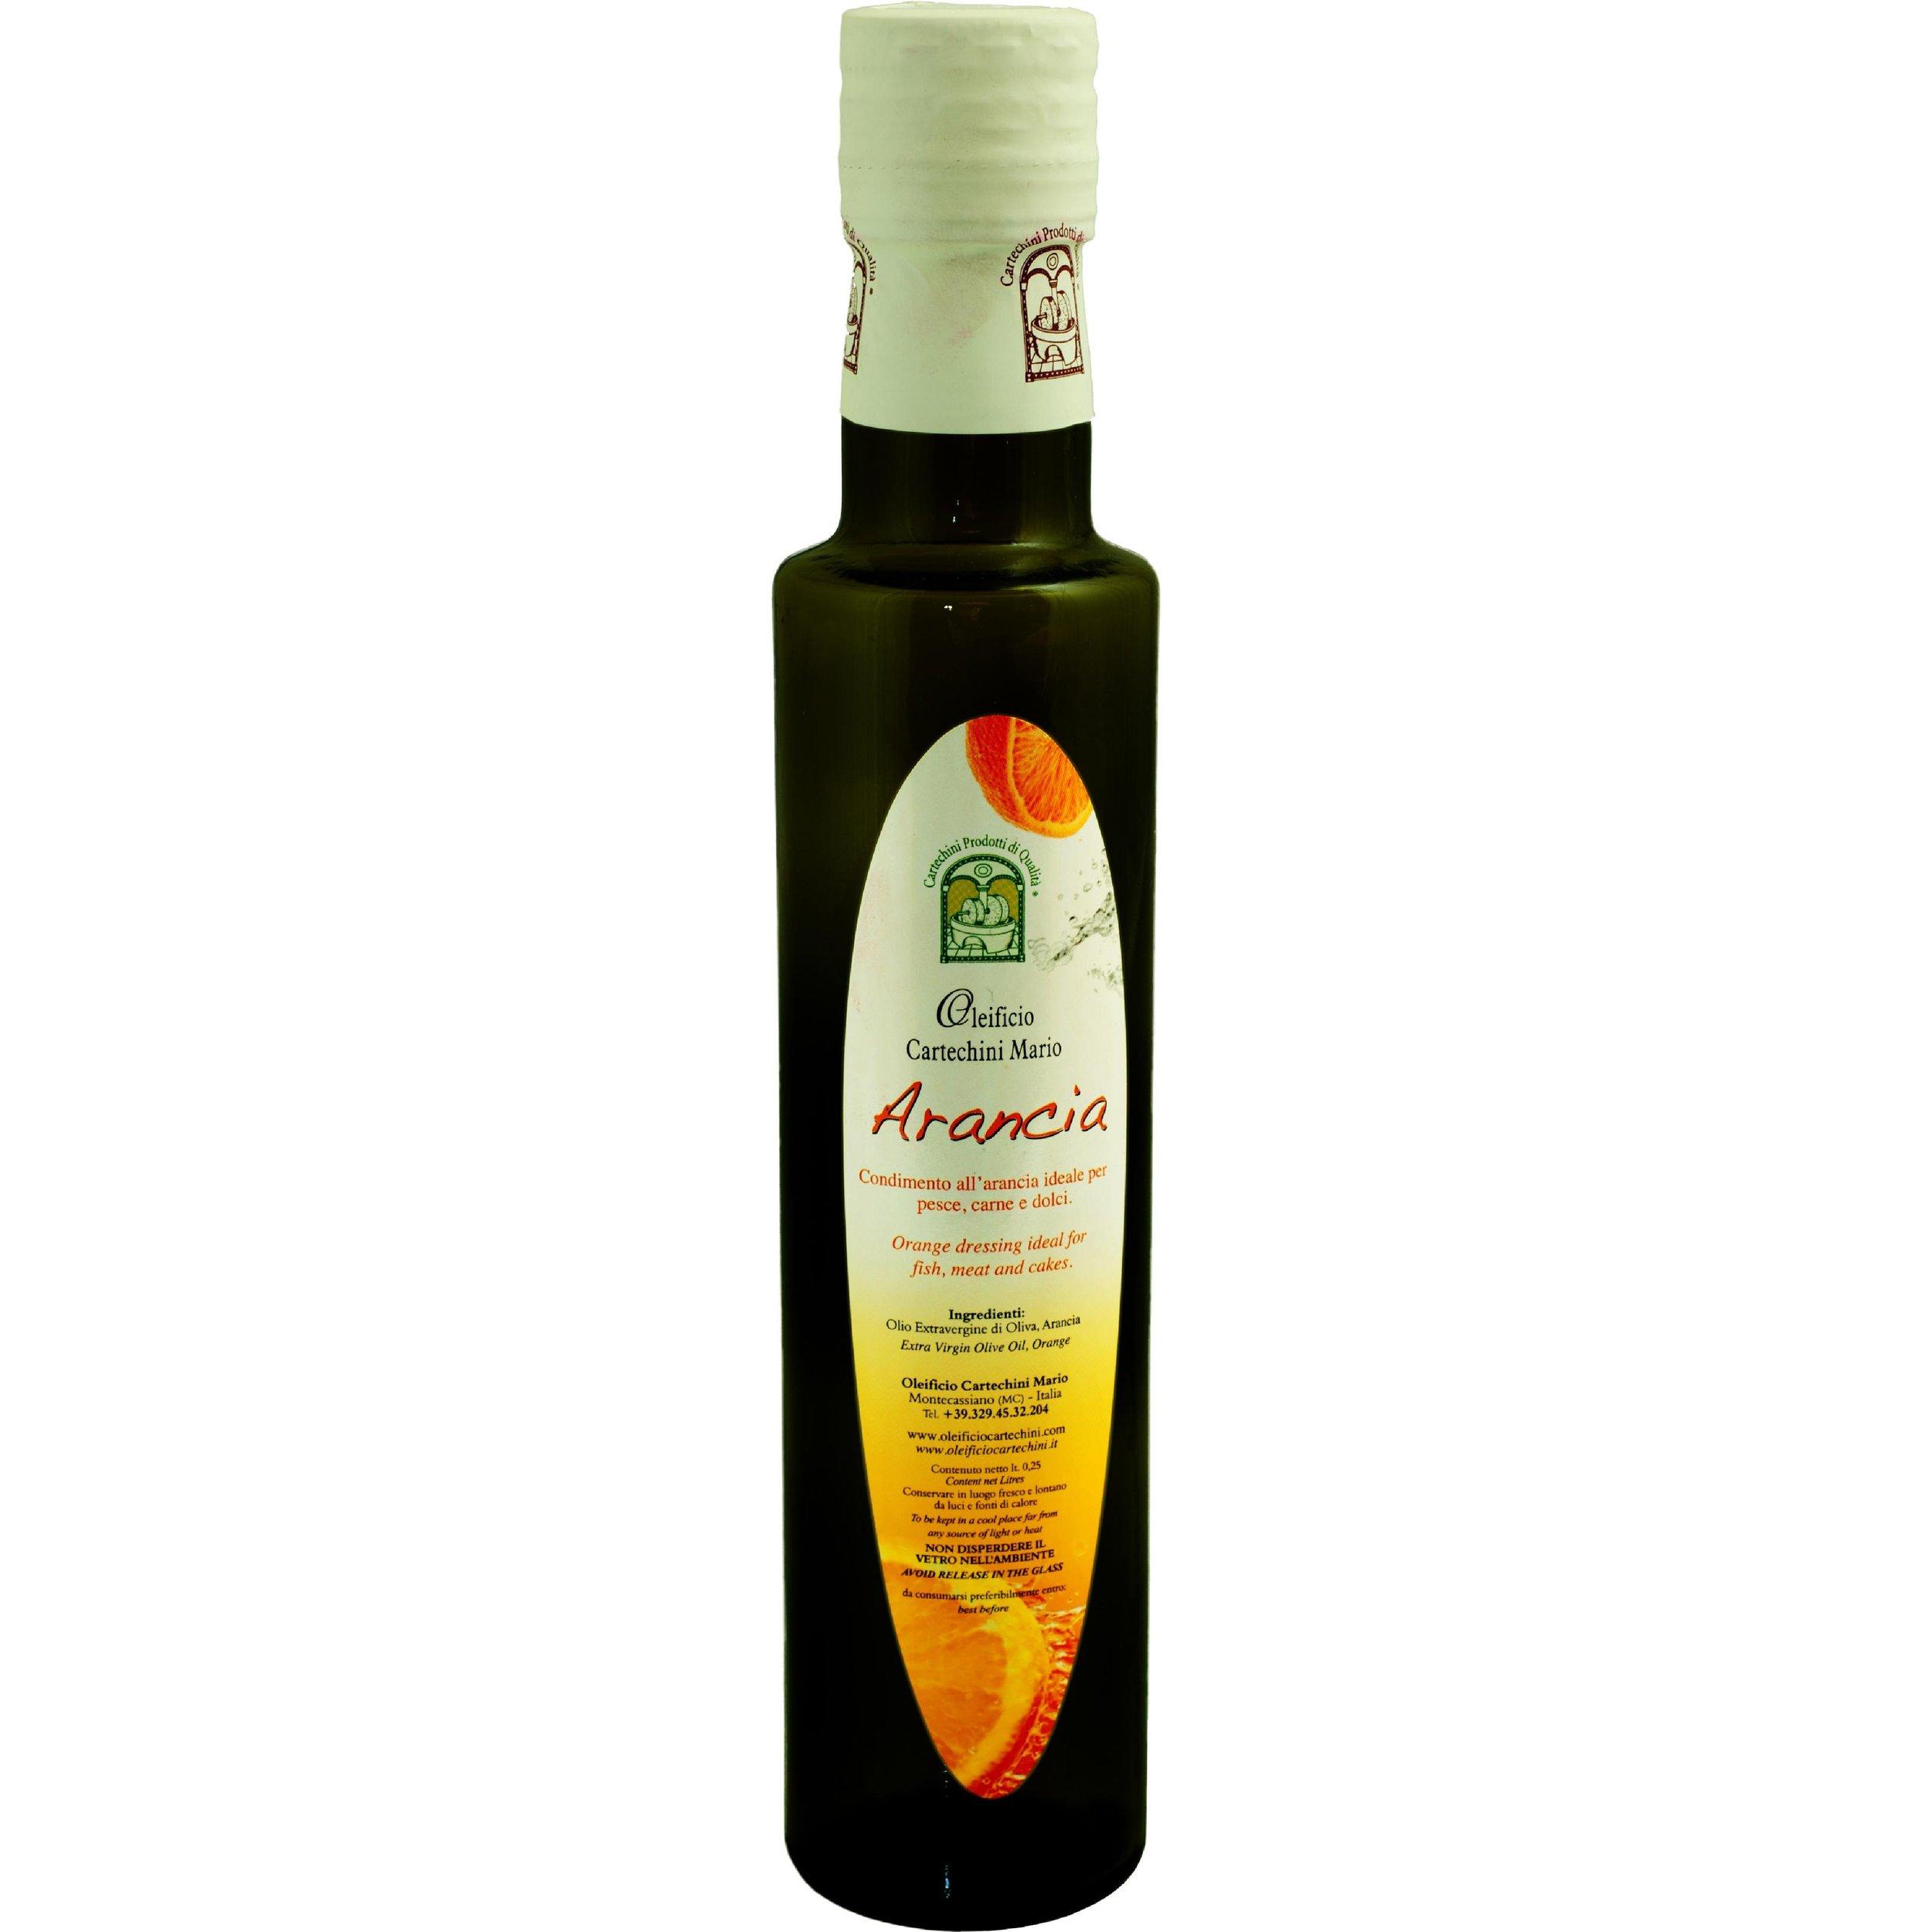 OLIO EVO ALL'ARANCIA - Per aromatizzare in maniera naturale, salutare e originale i tuoi piatti scopri lo sfizioso Olio extravergine d'oliva aromatizzato all'Arancio.Nessun aroma chimico, SOLO AROMI NATURALI E FRUTTA BIO spremuti meccanicamente a freddo insieme alle olive, per un pieno di sapore e salute. le Arance provengono da coltivazioni Bio della Sicilia.CARATTERISTICHE DEL PRODOTTOPeriodo di raccolta: da fine NovembreMetodo di lavorazione: estrazione meccanica di olive insieme alle Arance( di sicilia non trattate) senza processi di raffinazioneConservazione: in serbatoi a Temperatura controllata tra 15°C e 18°CCultivar: blend di Frantoio, Orbetana, Mignola, Raggia, CoroncinaAspetto: colore Verde chiaro tendente al giallo paglierinoFruttato: Medio-LeggeroGusto: di Arancio, pratico, delicato, e non persistente nell'alito